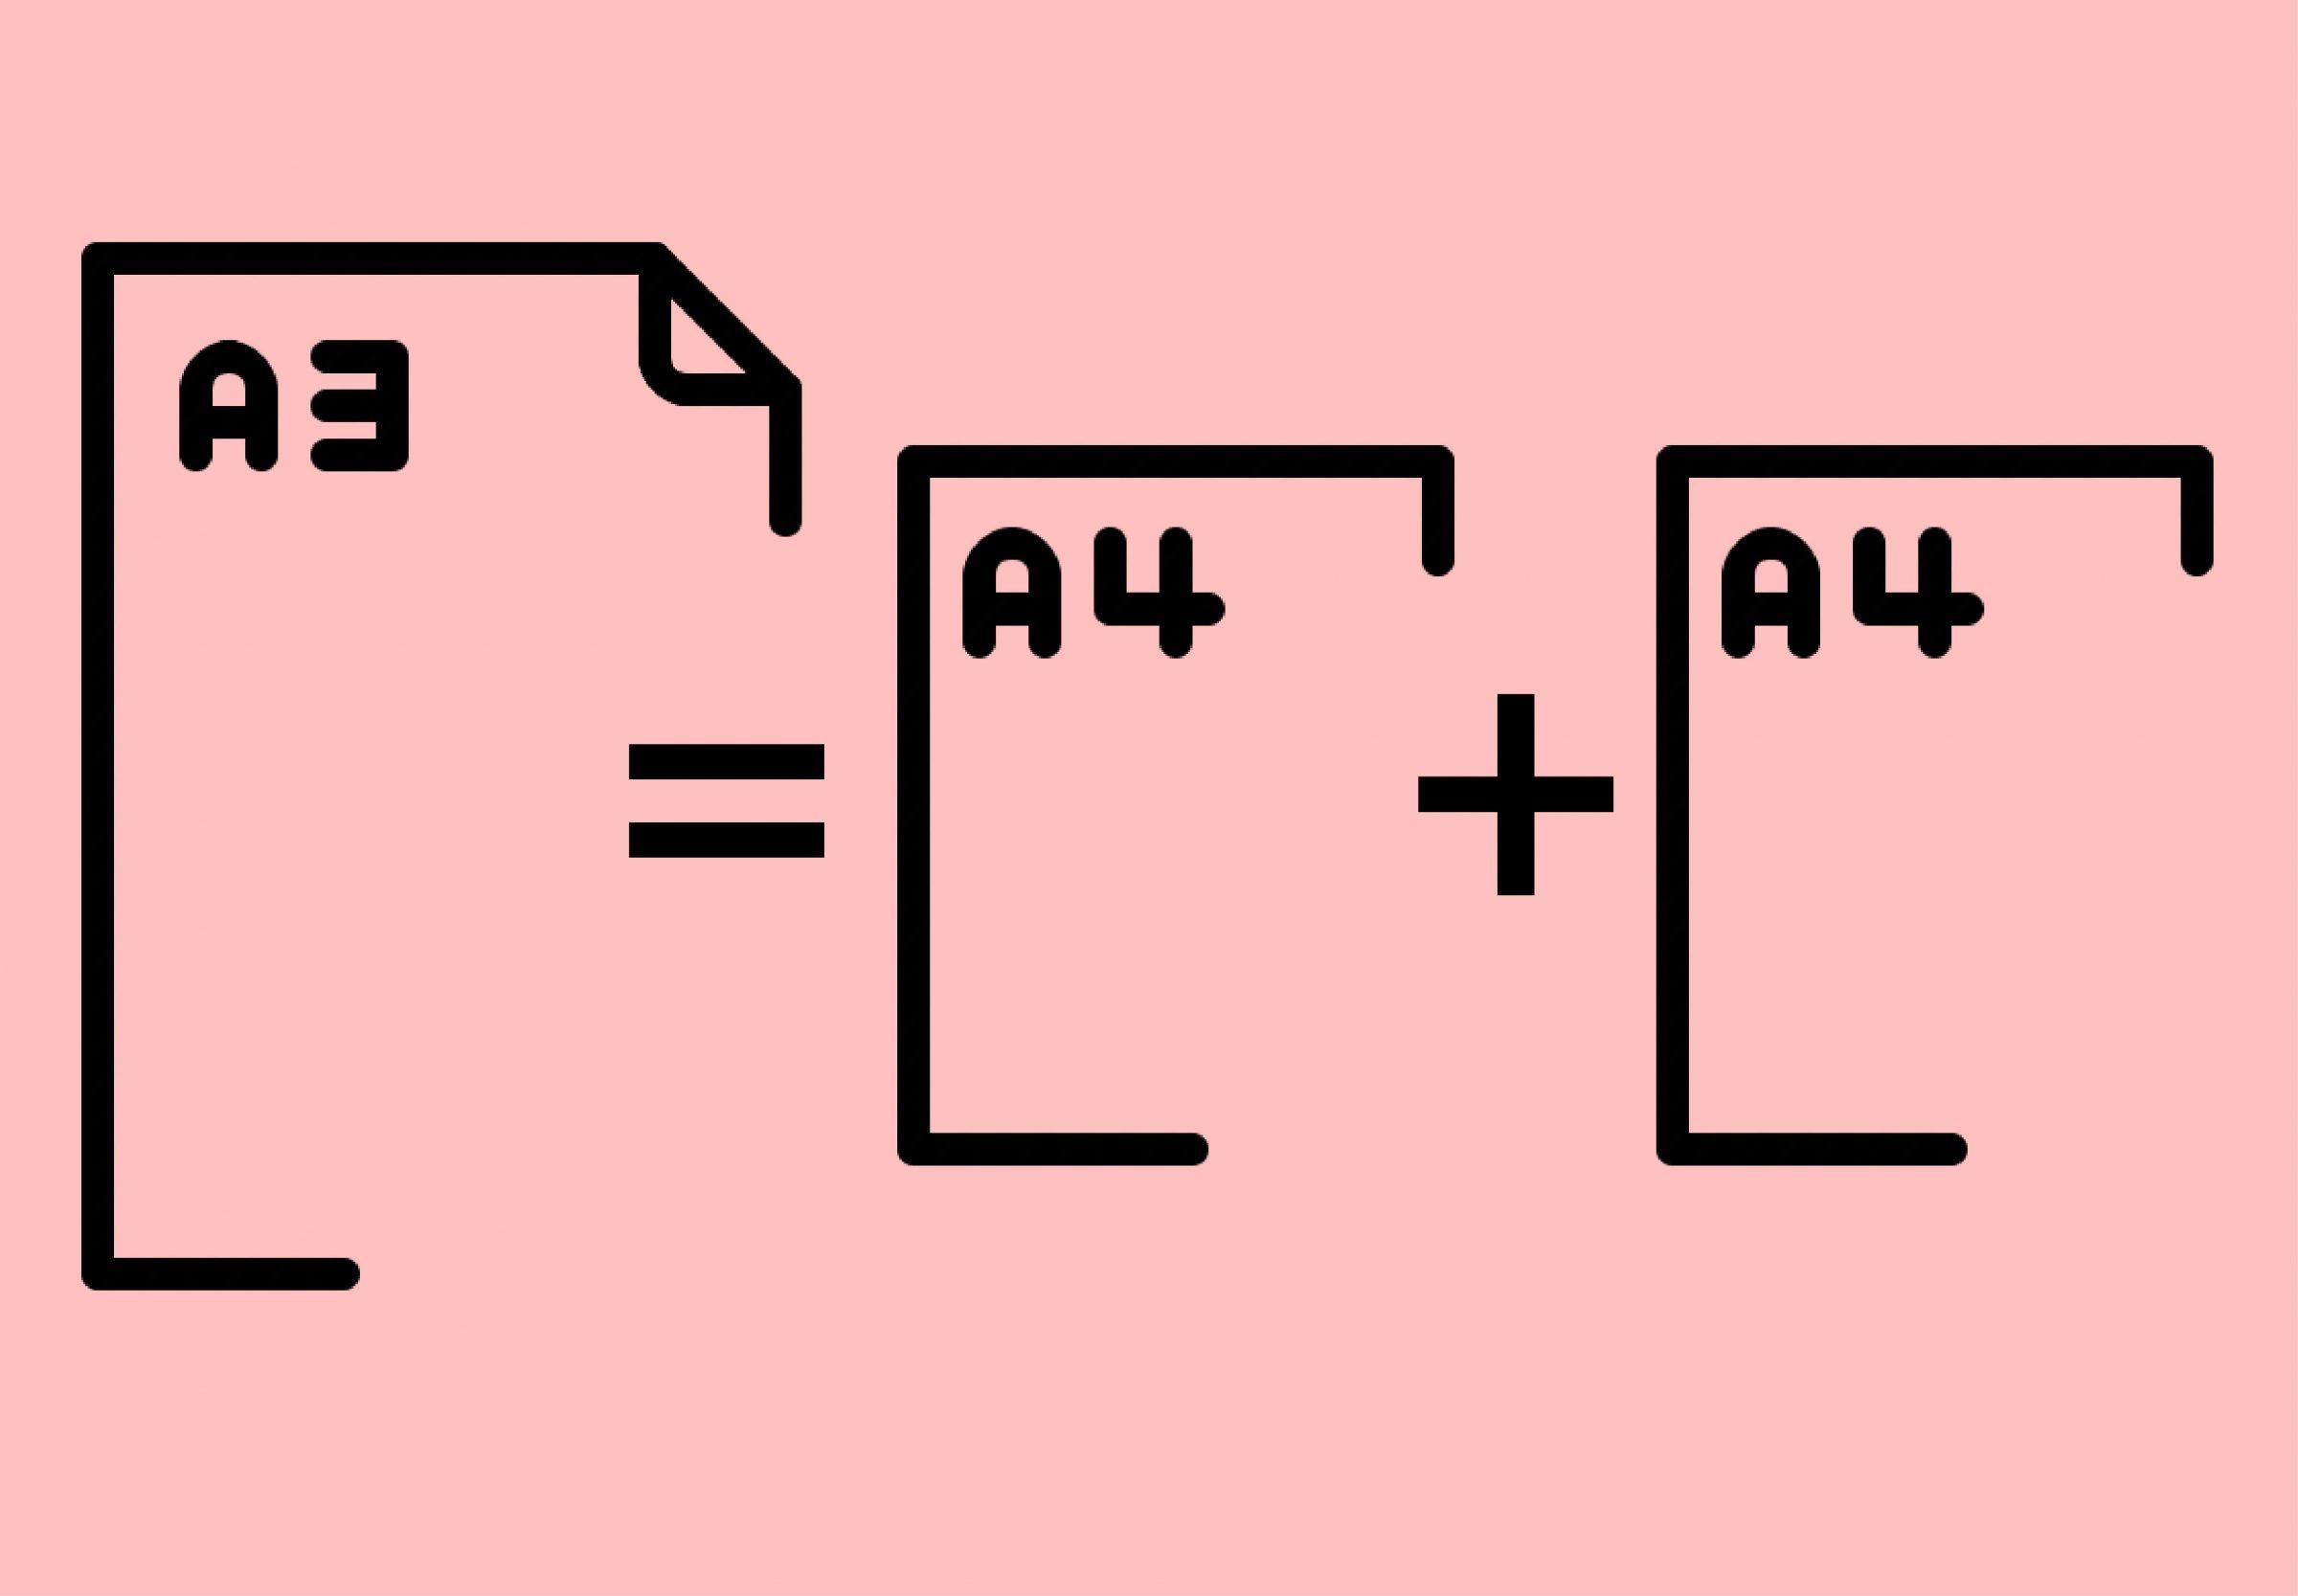 如何把A4大小的纸切成A5大小?